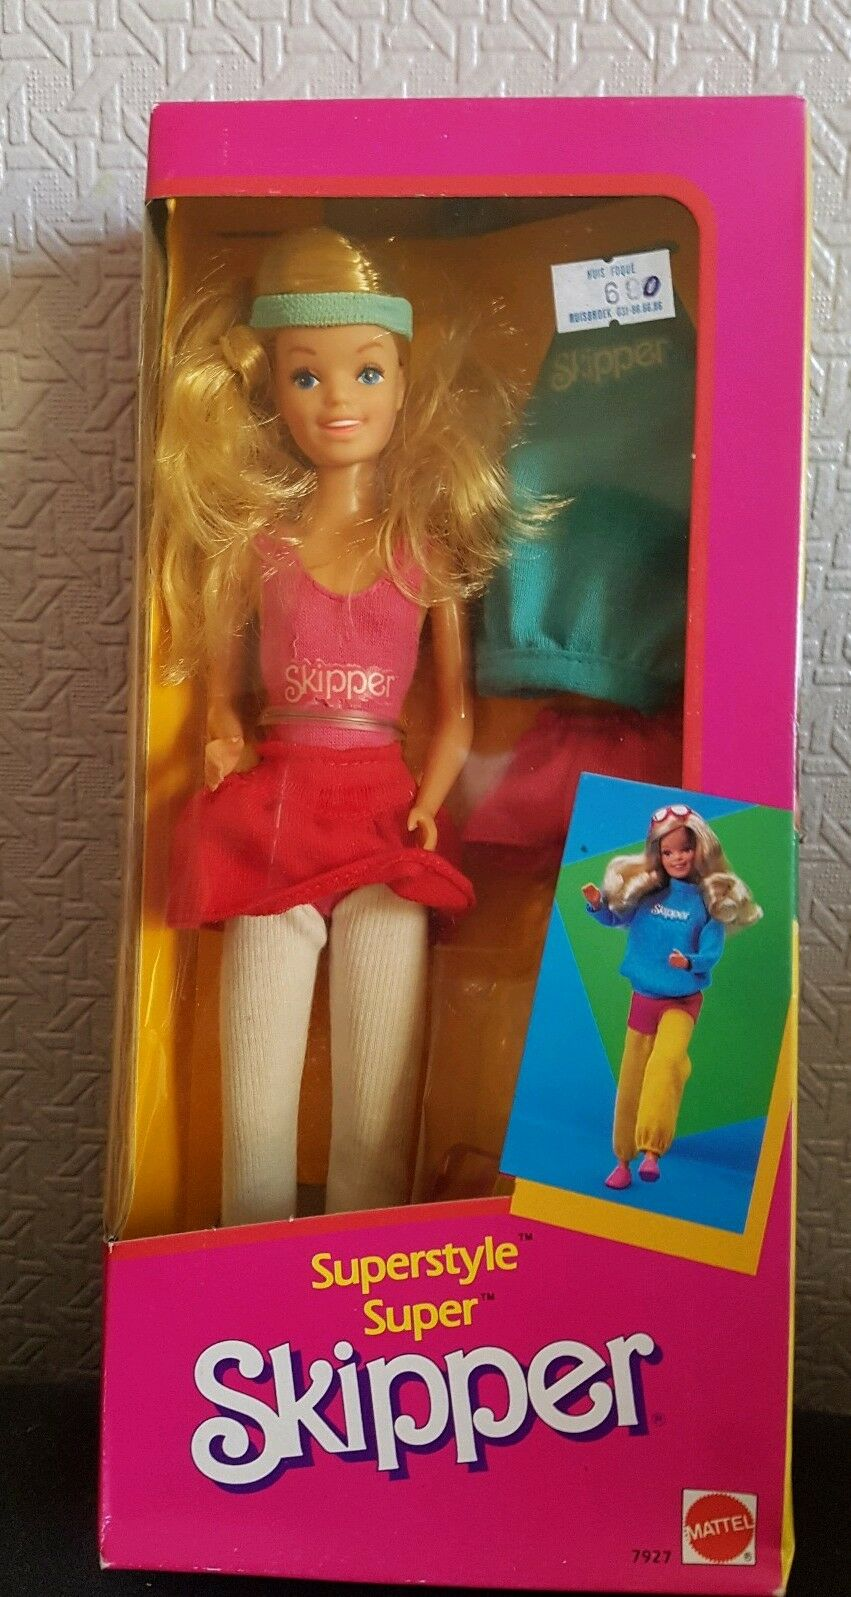 Poupée Skipper Superstyle . Mattel Neuf Scellé.  Année 1983 . Numéro 7927 .